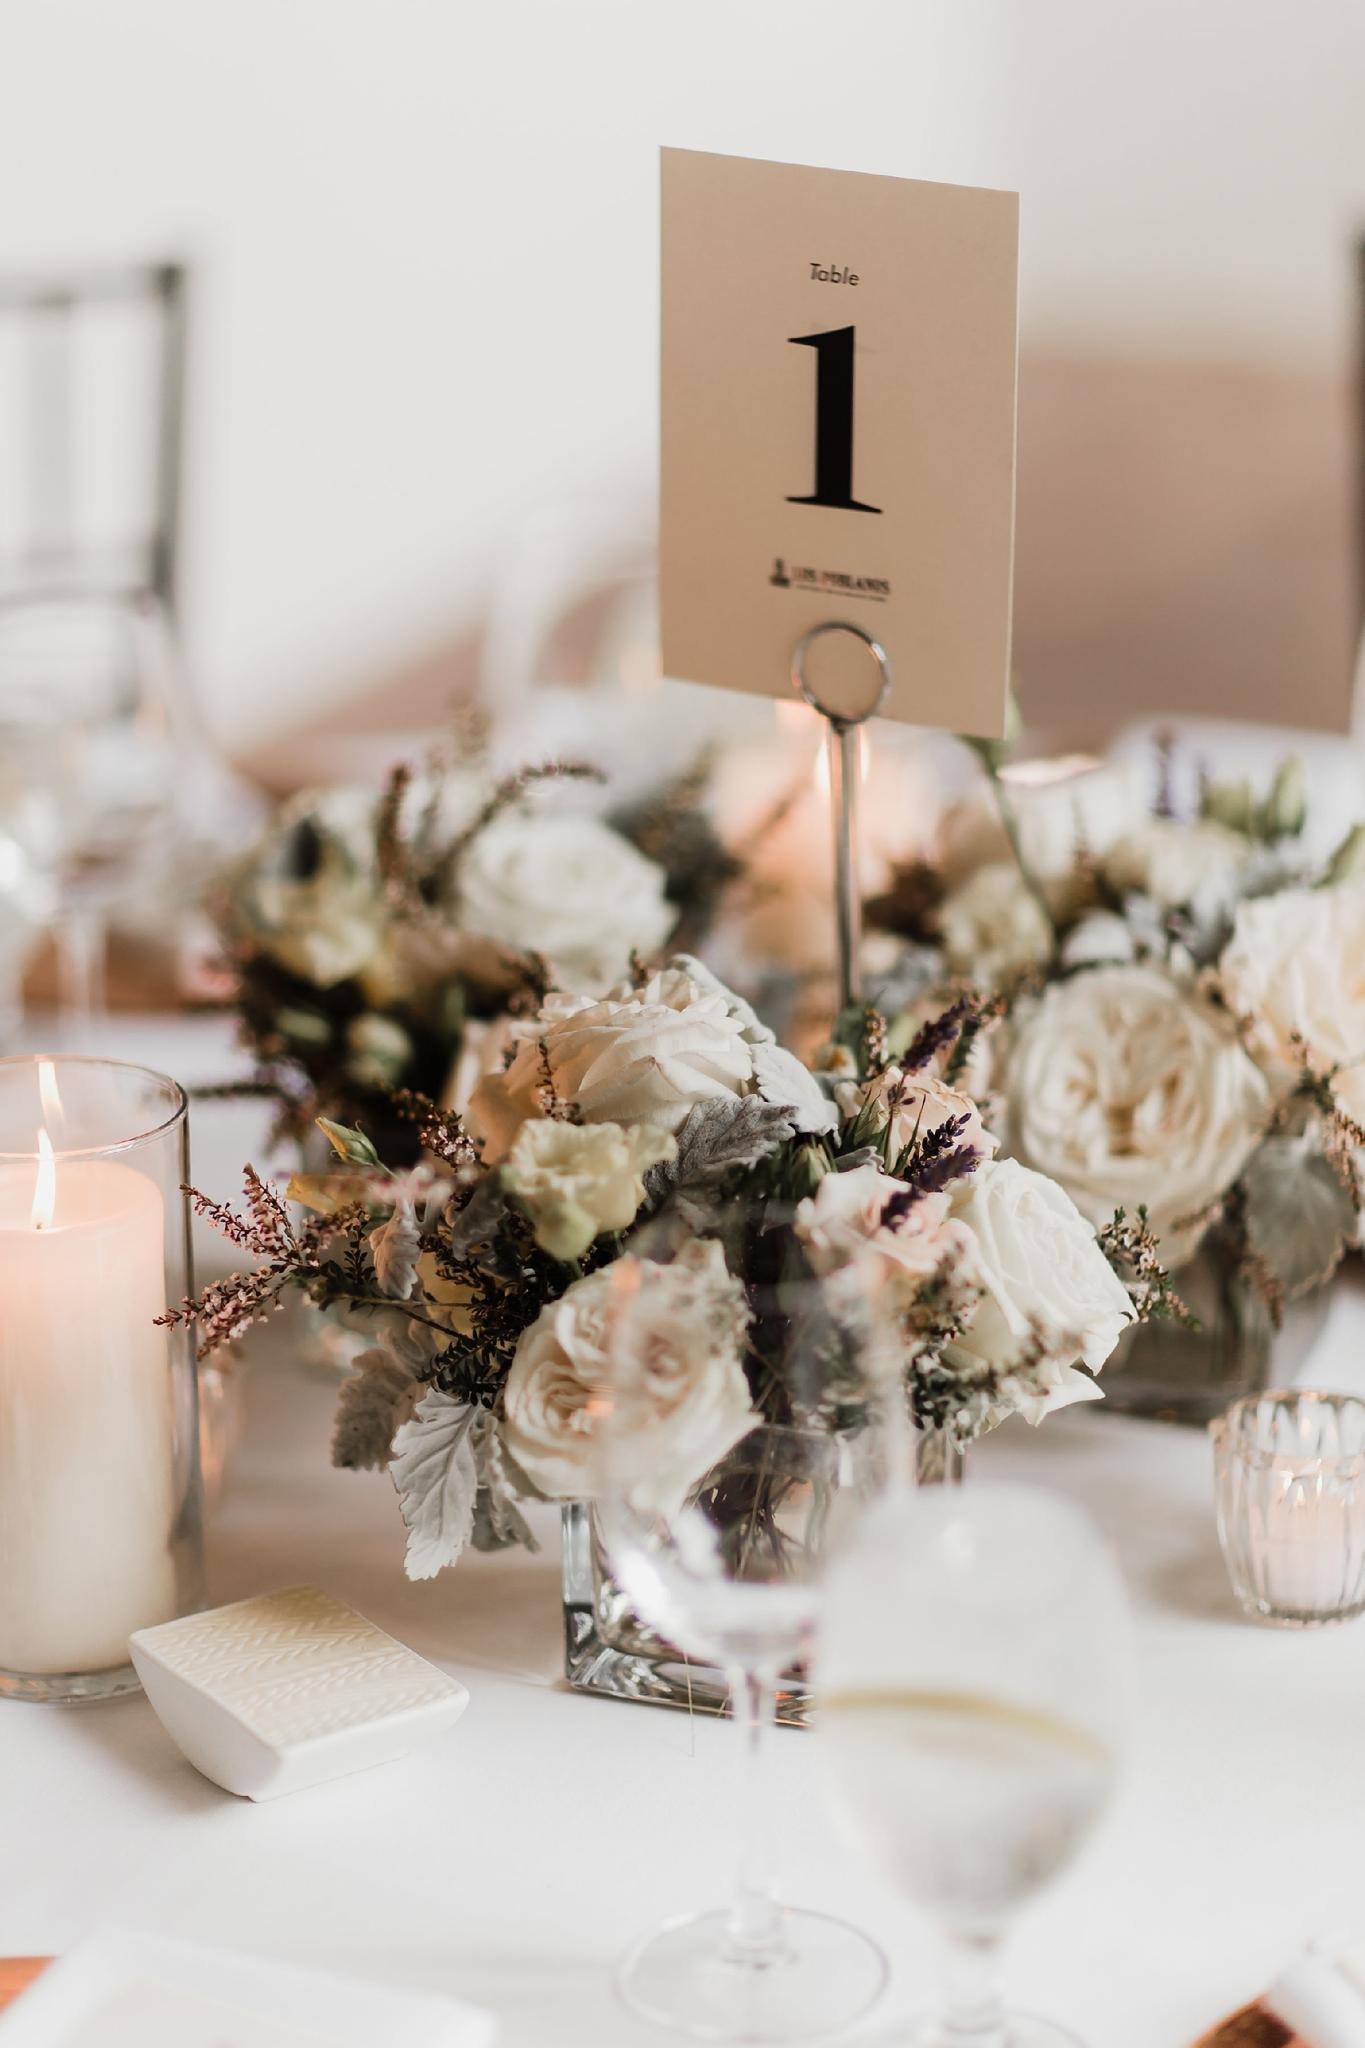 Alicia+lucia+photography+-+albuquerque+wedding+photographer+-+santa+fe+wedding+photography+-+new+mexico+wedding+photographer+-+new+mexico+wedding+-+summer+wedding+-+summer+wedding+florals+-+southwest+wedding_0065.jpg